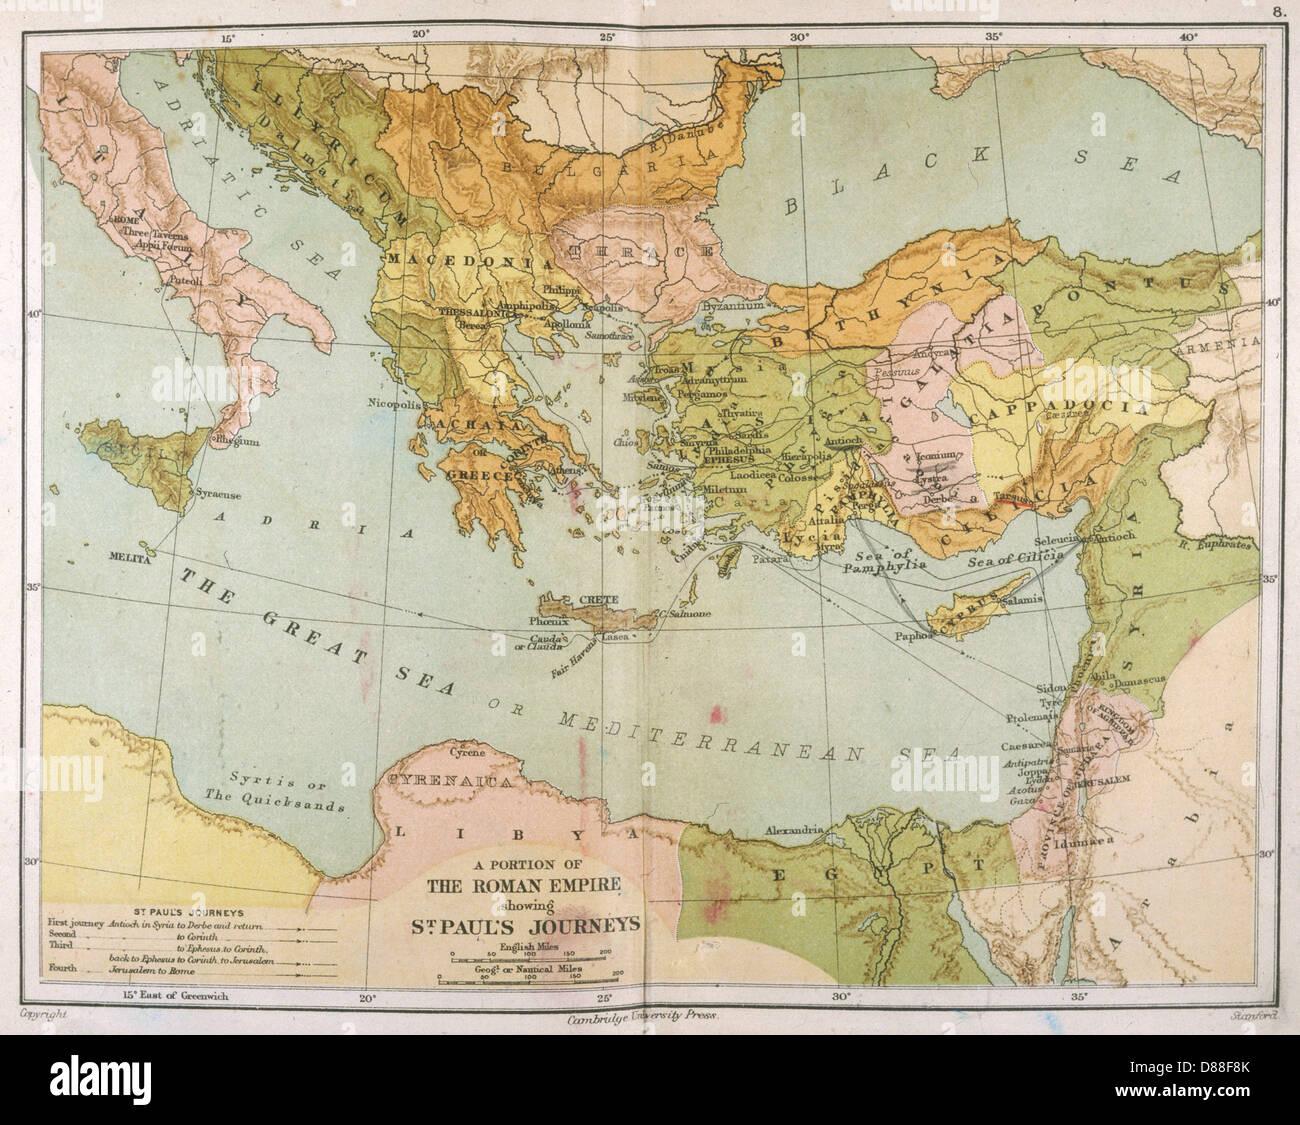 Römisches Reich Karte.Karte Römisches Reich Cup Stockfoto Bild 56735971 Alamy